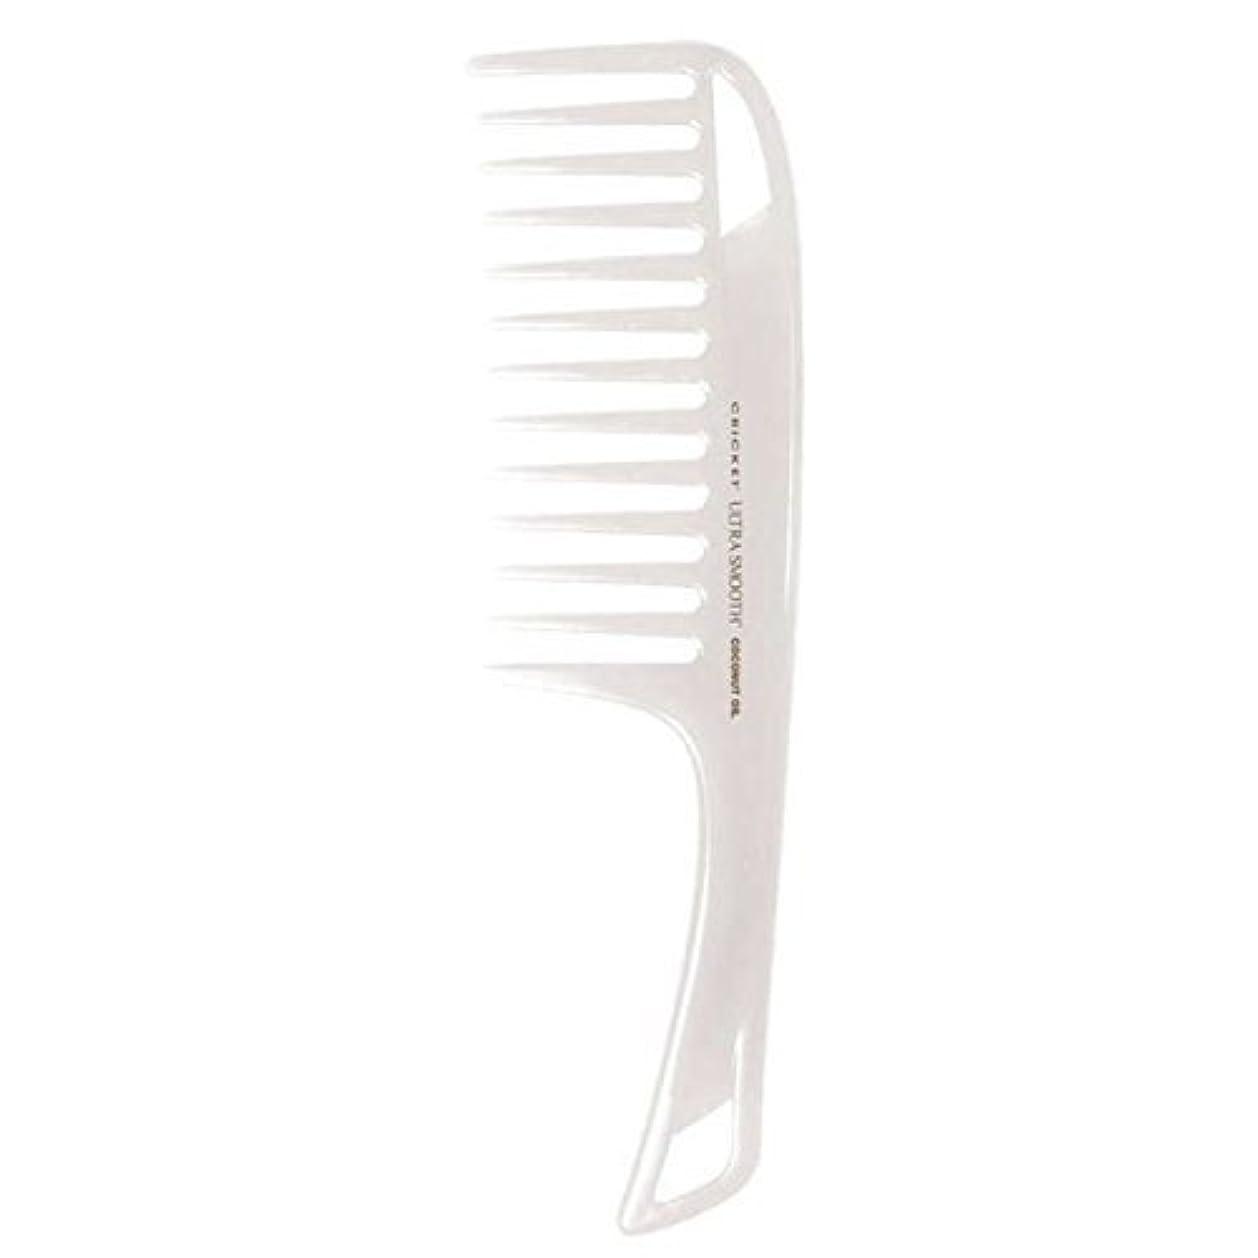 香水奇妙な影のあるCricket Ultra Smooth Coconut Detangler Comb [並行輸入品]